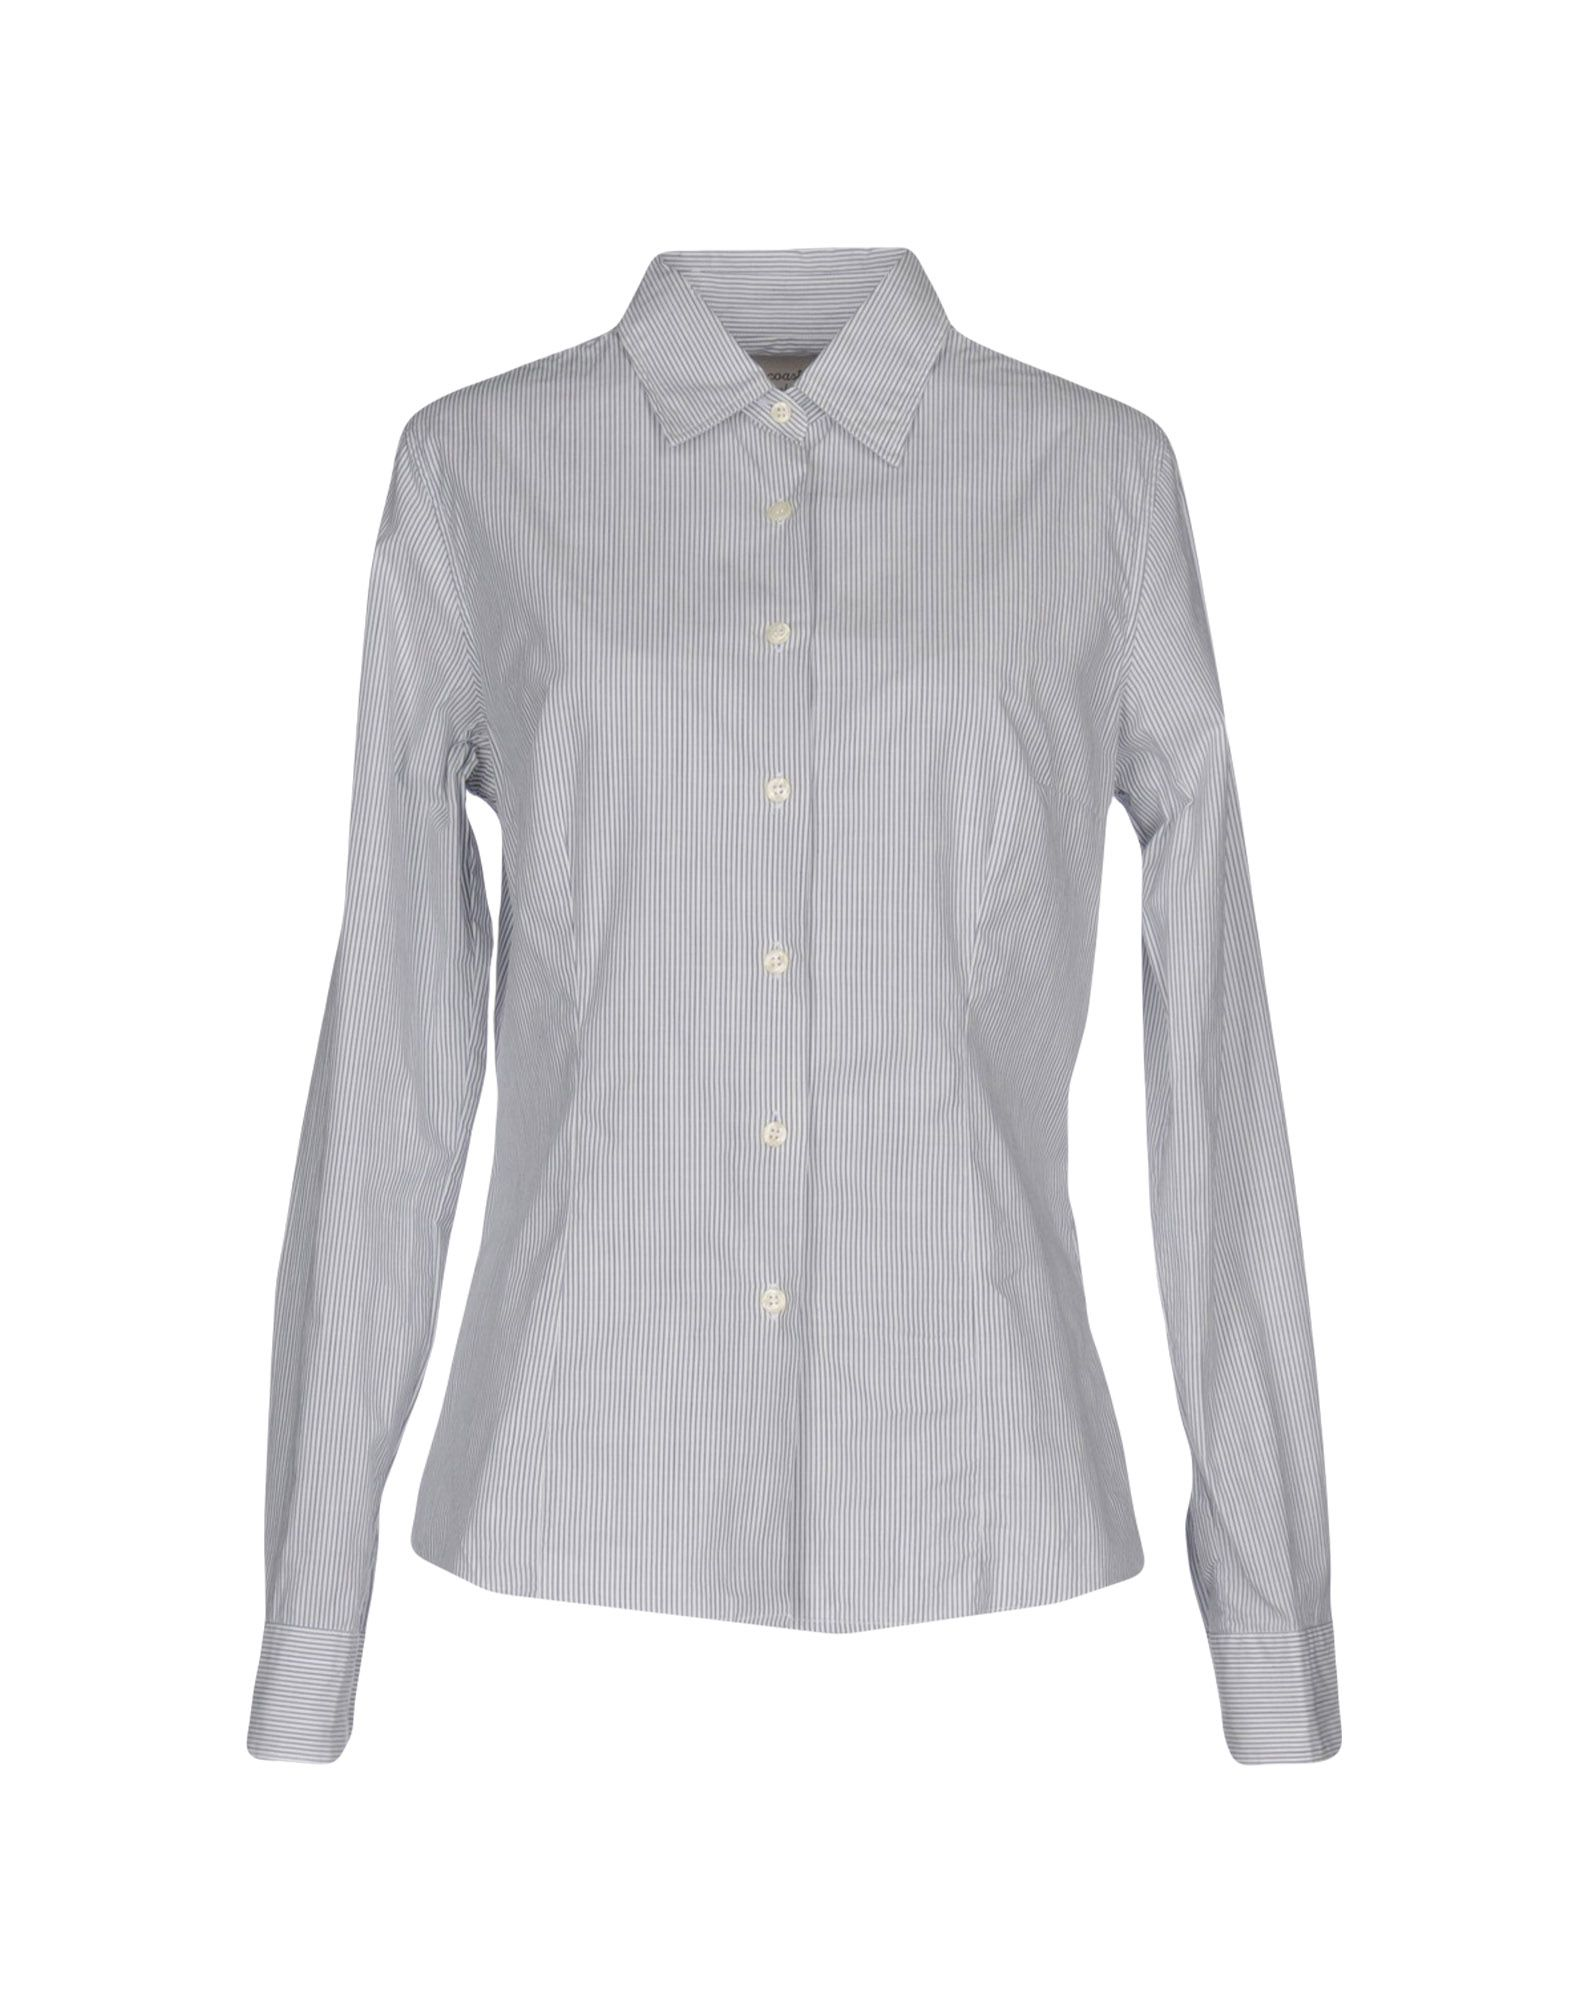 где купить COAST WEBER & AHAUS Pубашка по лучшей цене